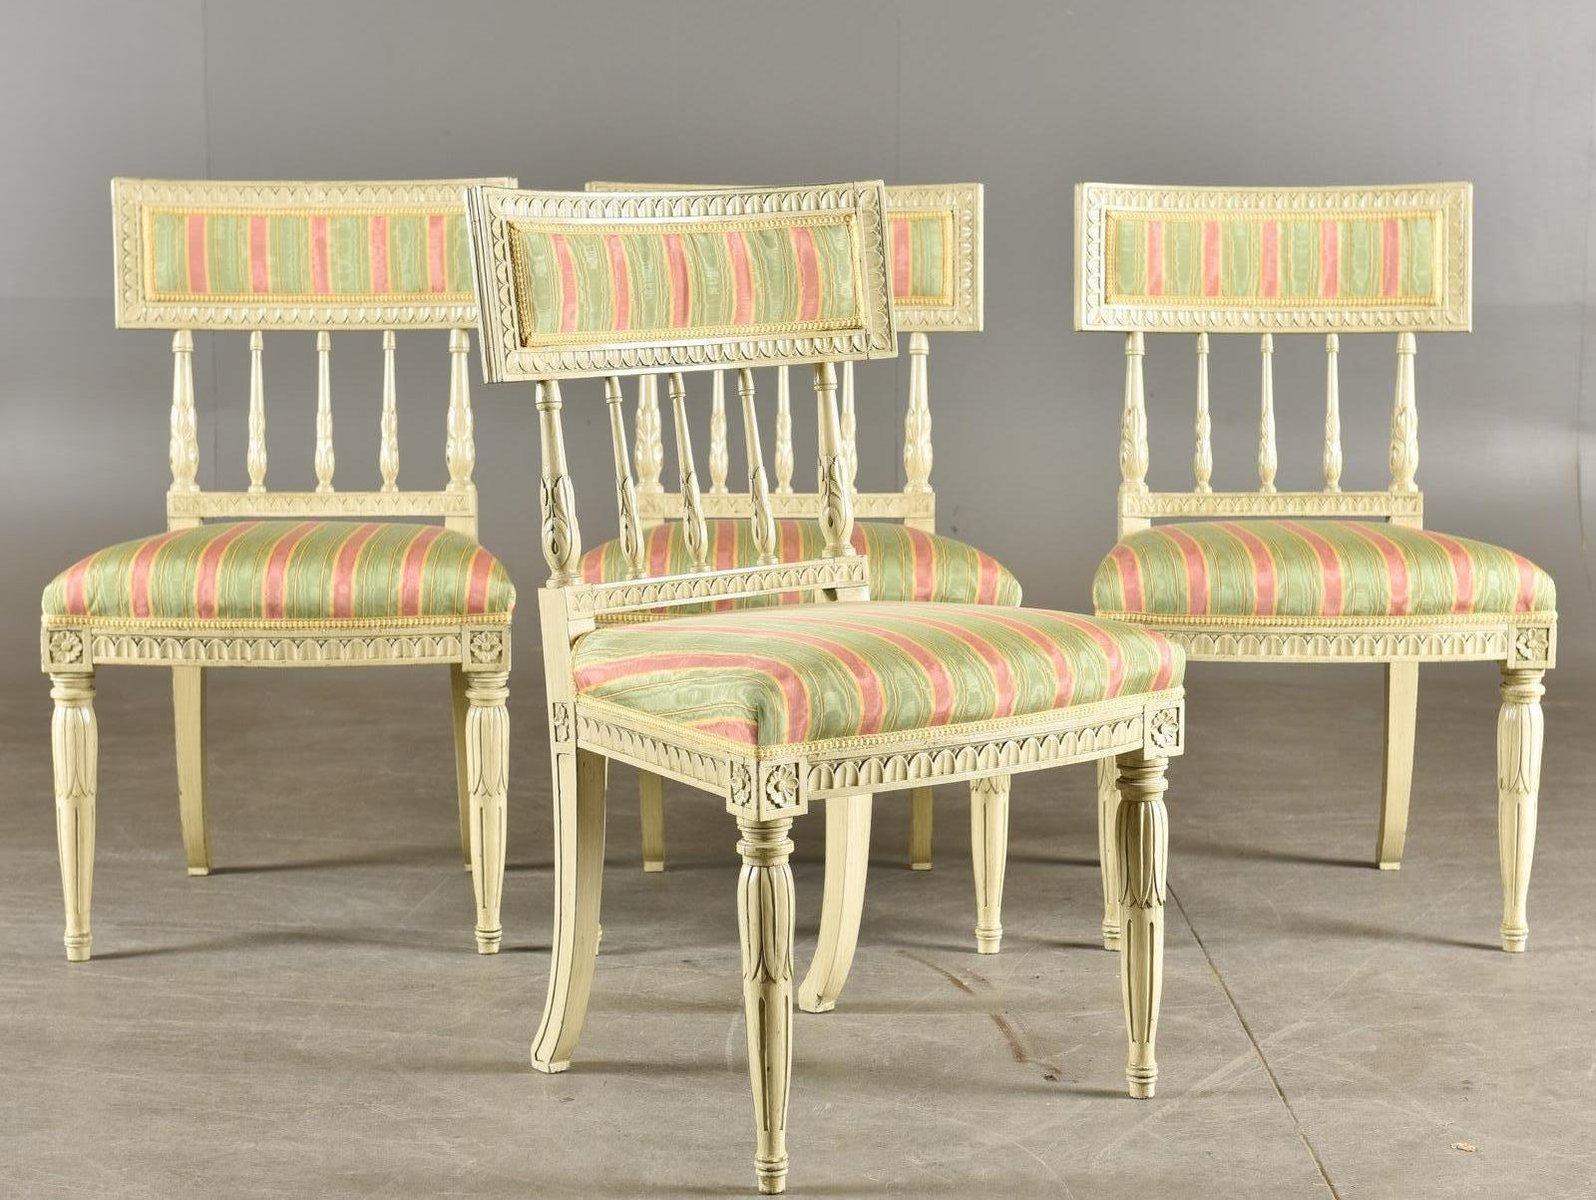 antike sengustavianische st hle 4er set bei pamono kaufen On stühle 4er set